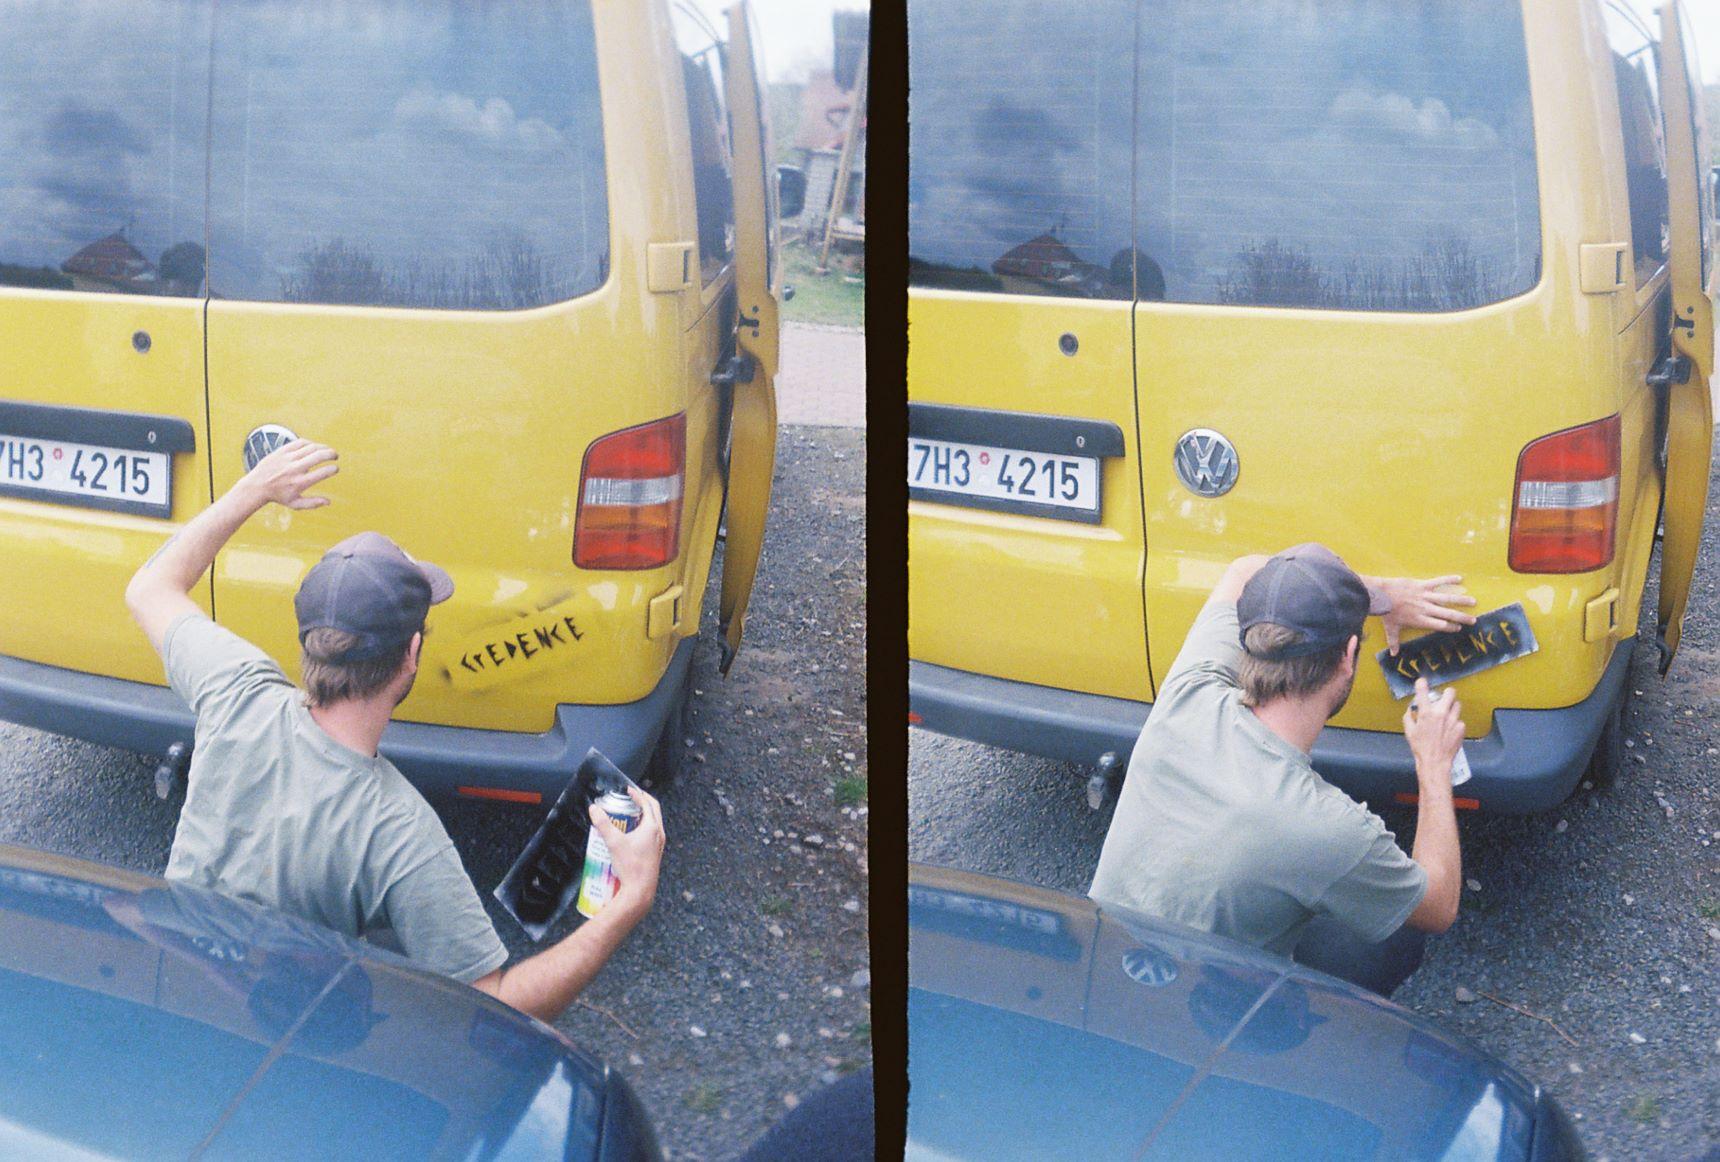 047_jes kredence... jes vanlajf... jes sprejování na auta